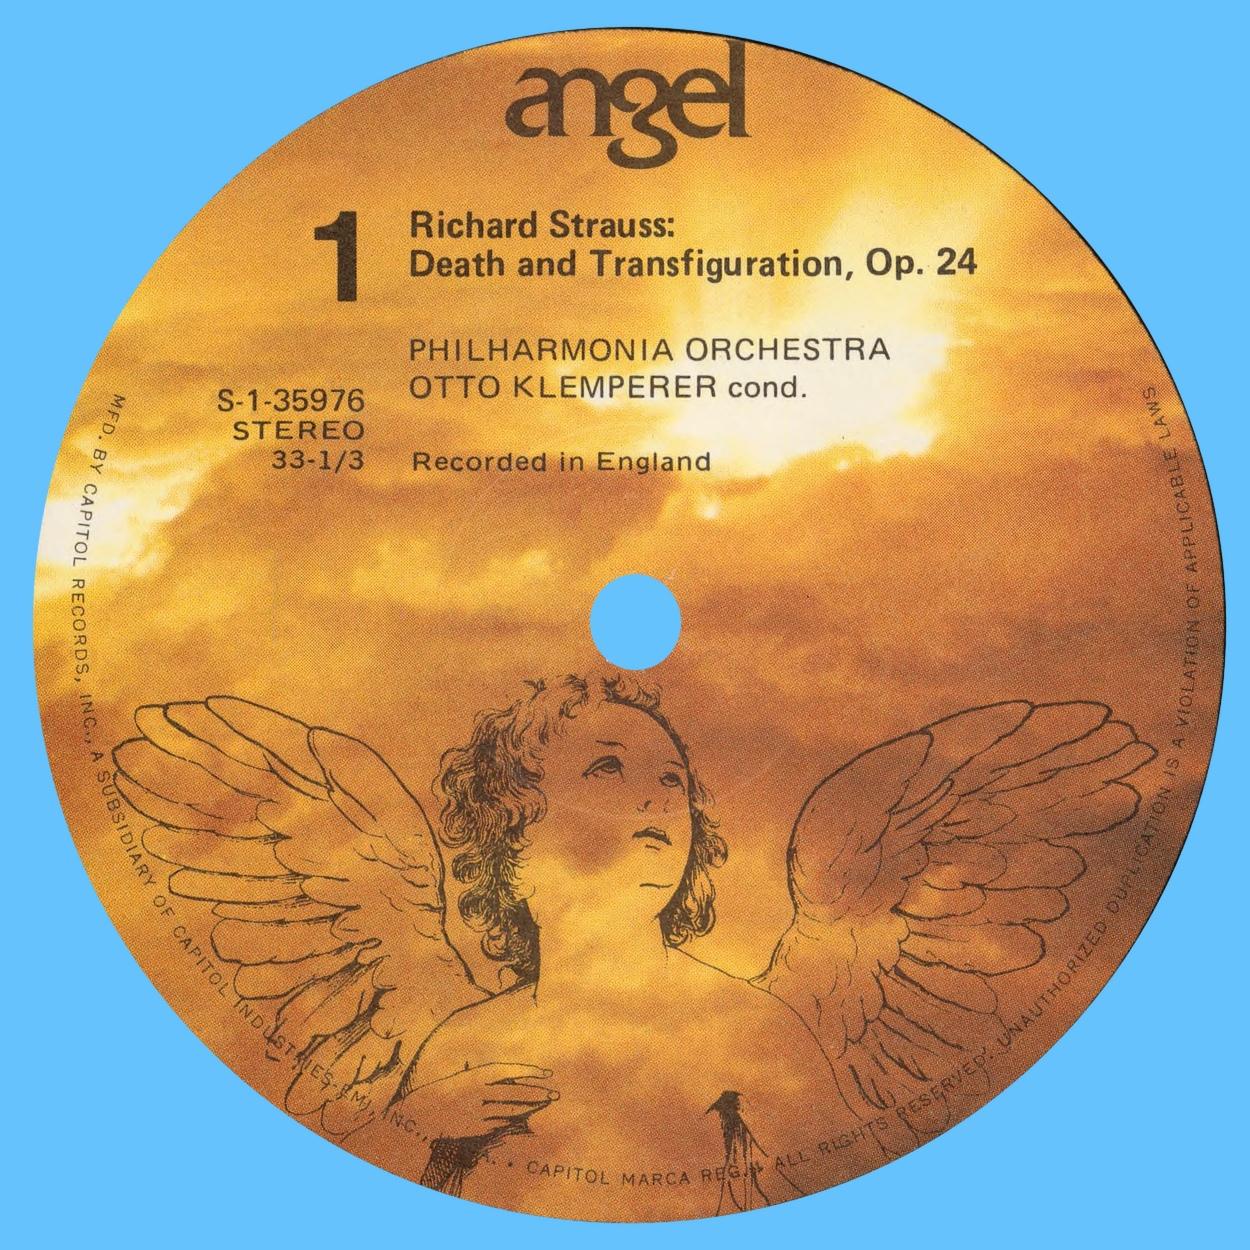 Étiquette recto du disque Angel S 35976